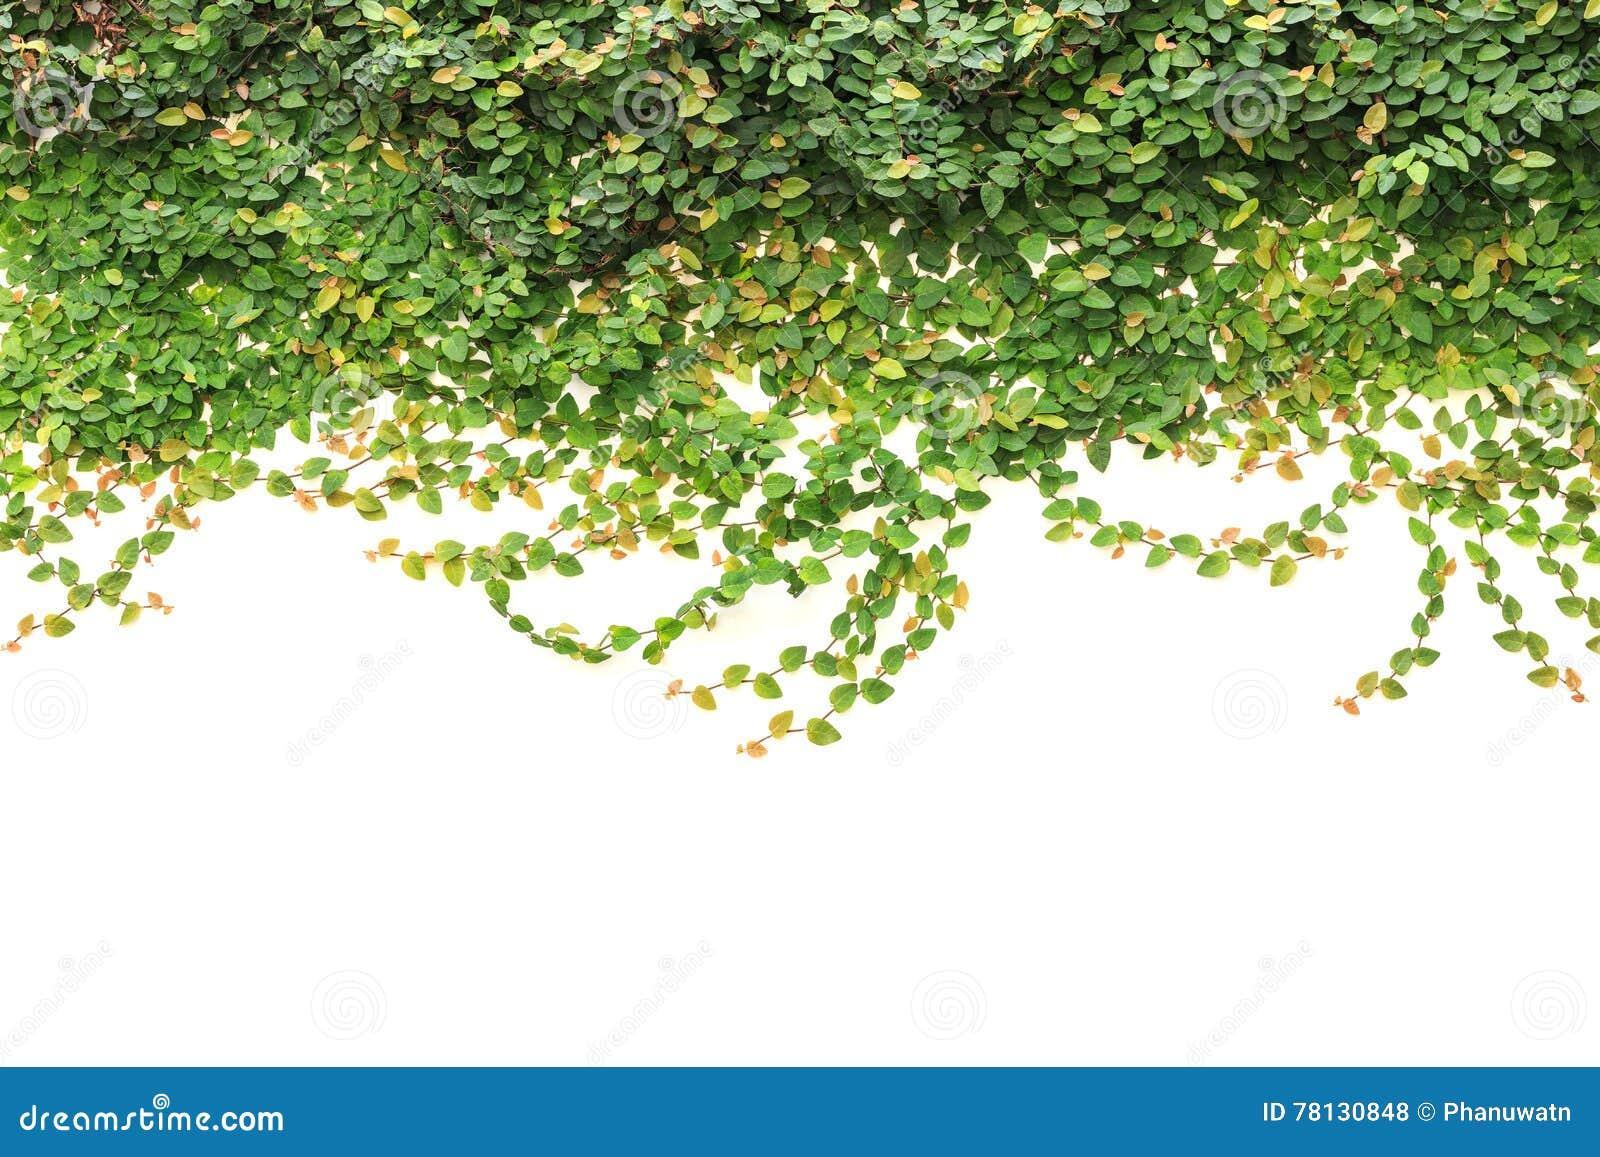 Ny grön murgröna som isoleras på vit bakgrund Trädgårds- garnering